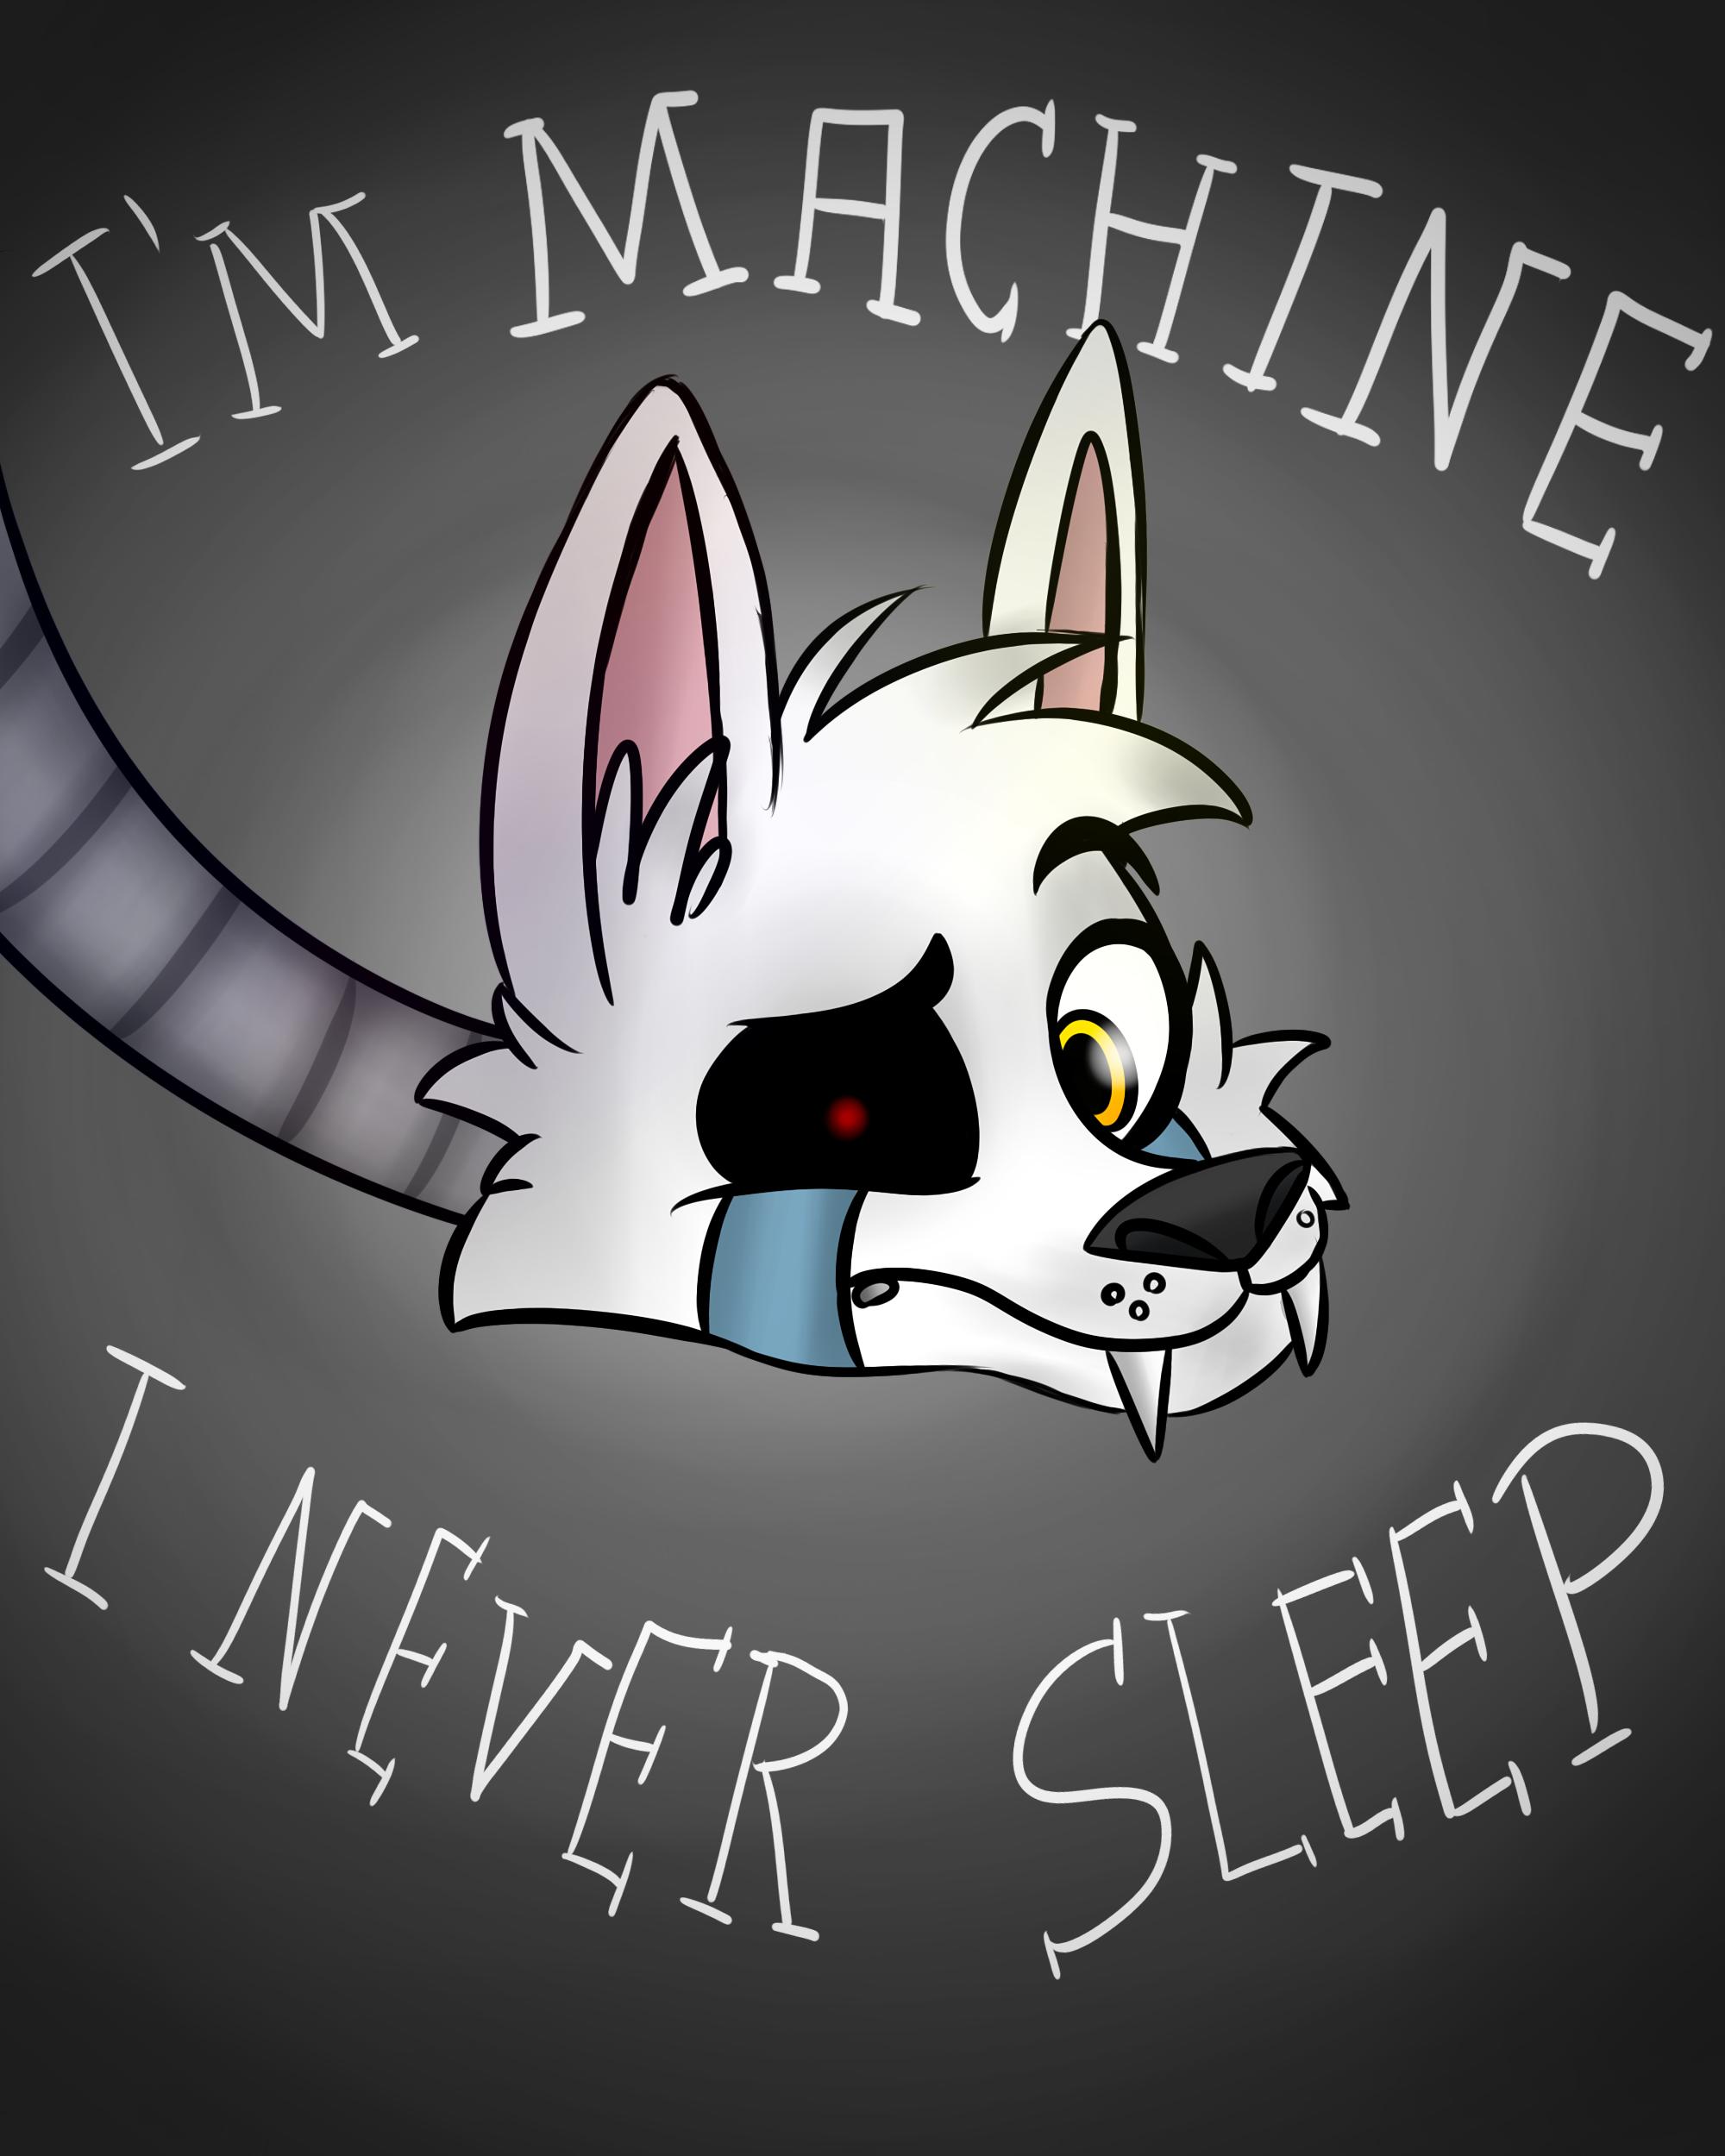 i am machine i never sleep